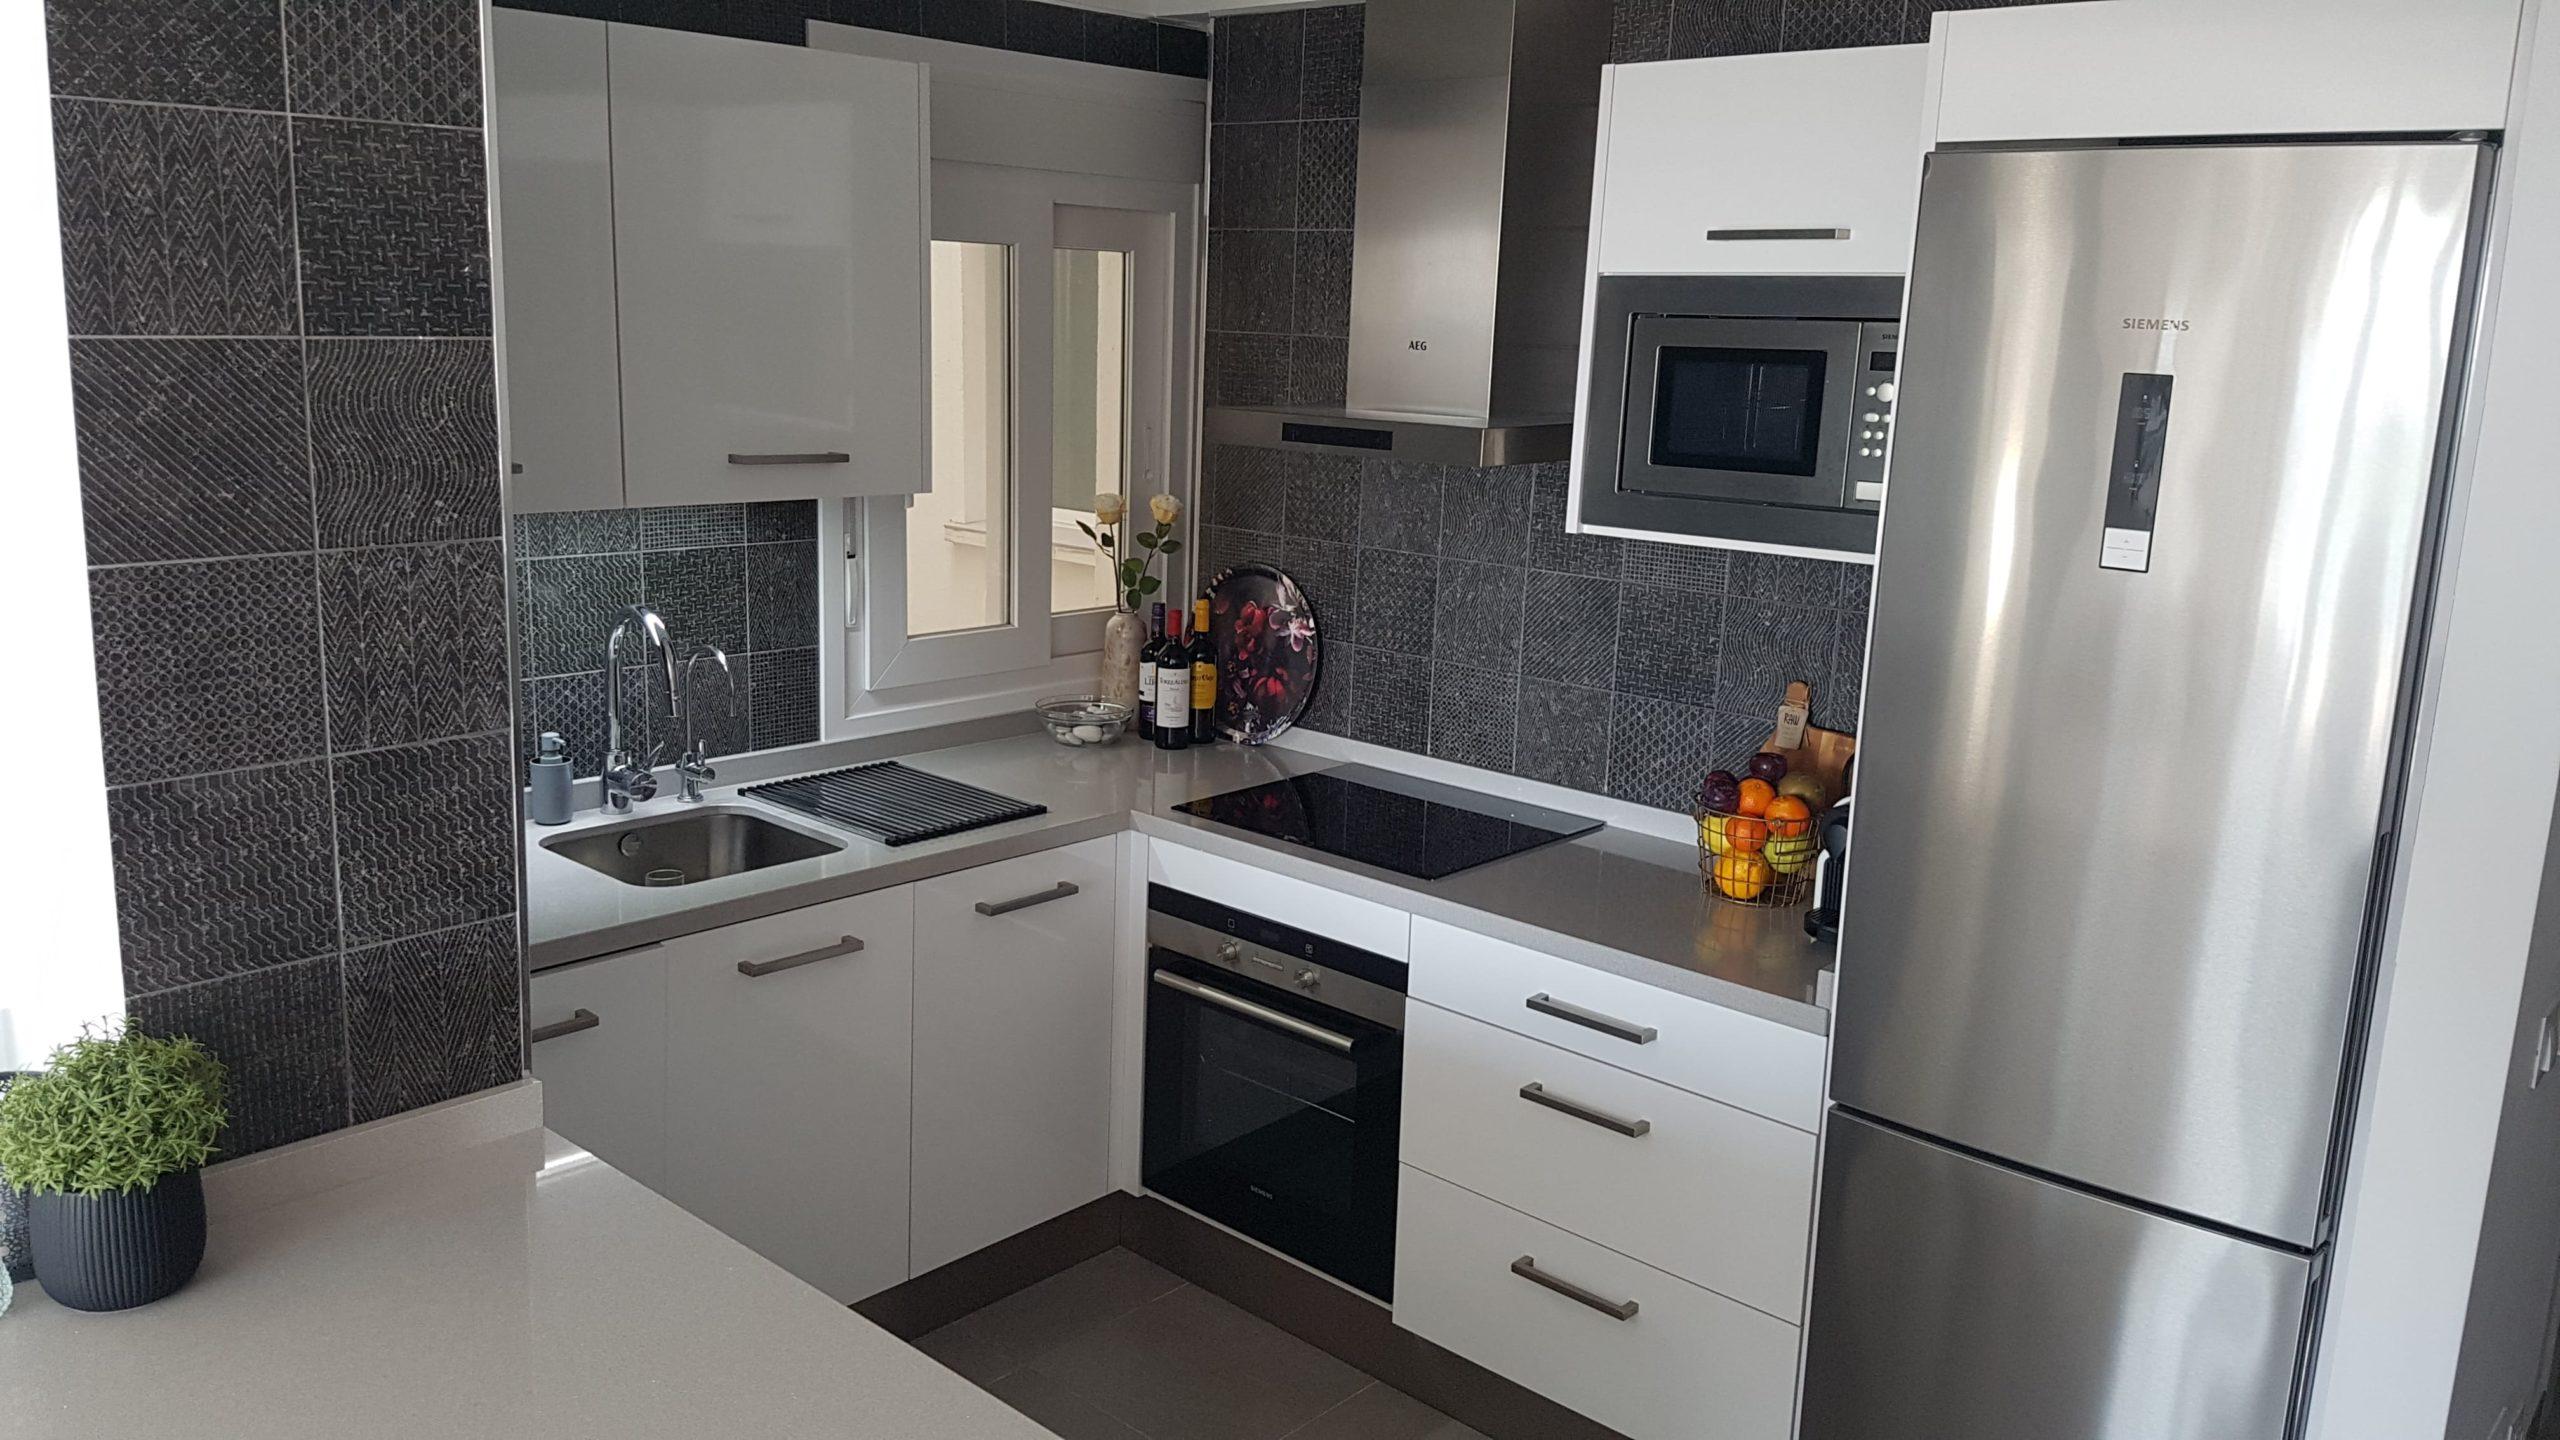 IDECOCINA - Diseño e instalación de cocinas en Málaga